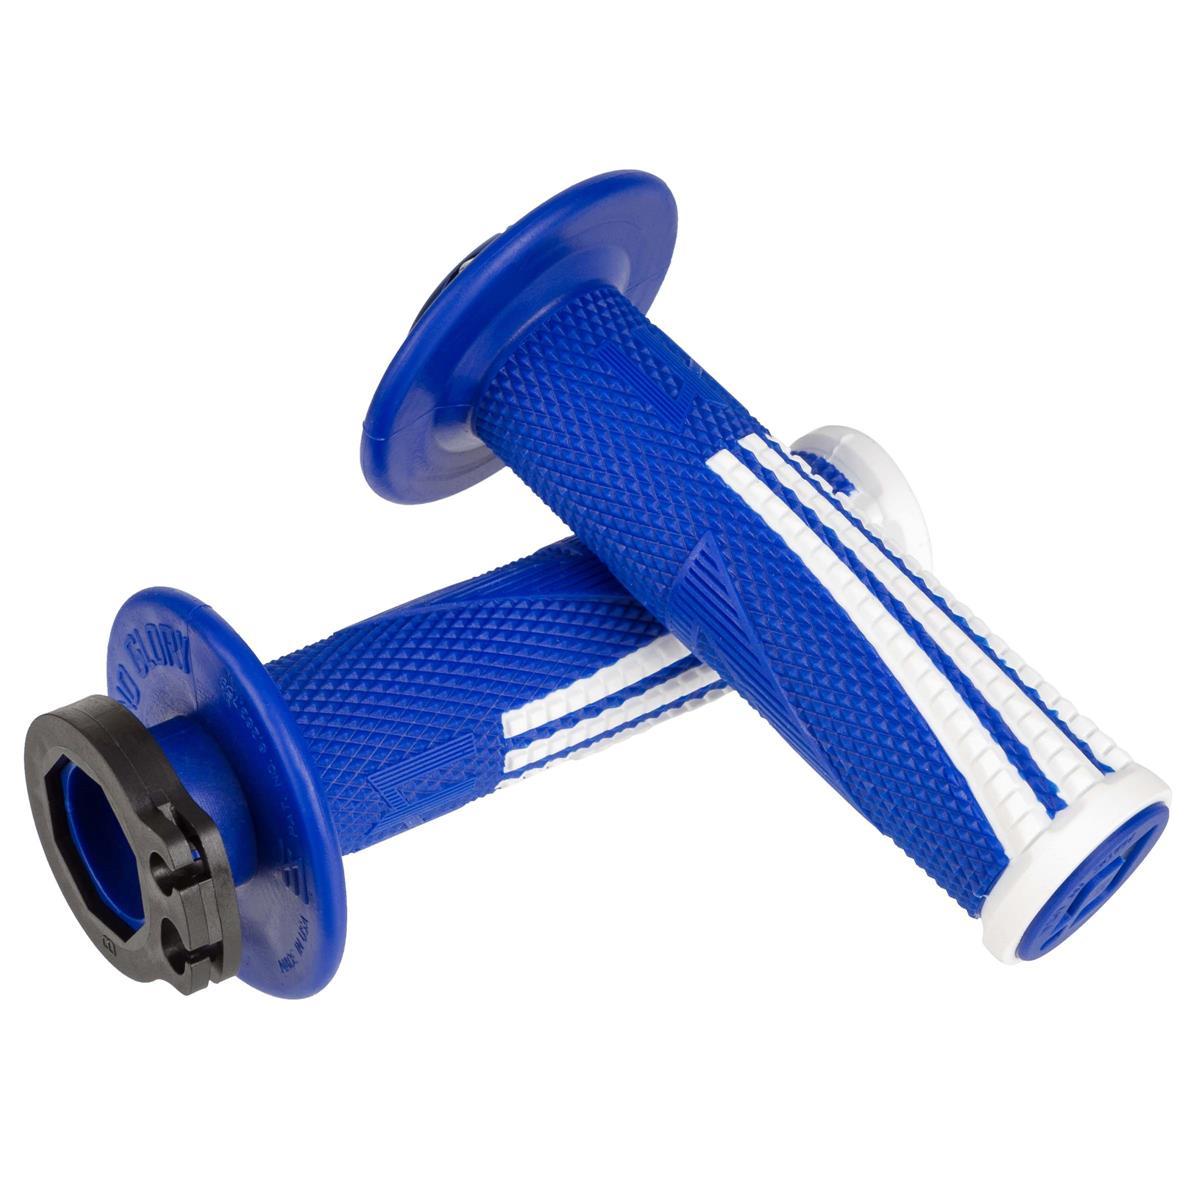 ODI Griffe Emig Pro V2 Lock-On verschraubt, Blau/Weiß